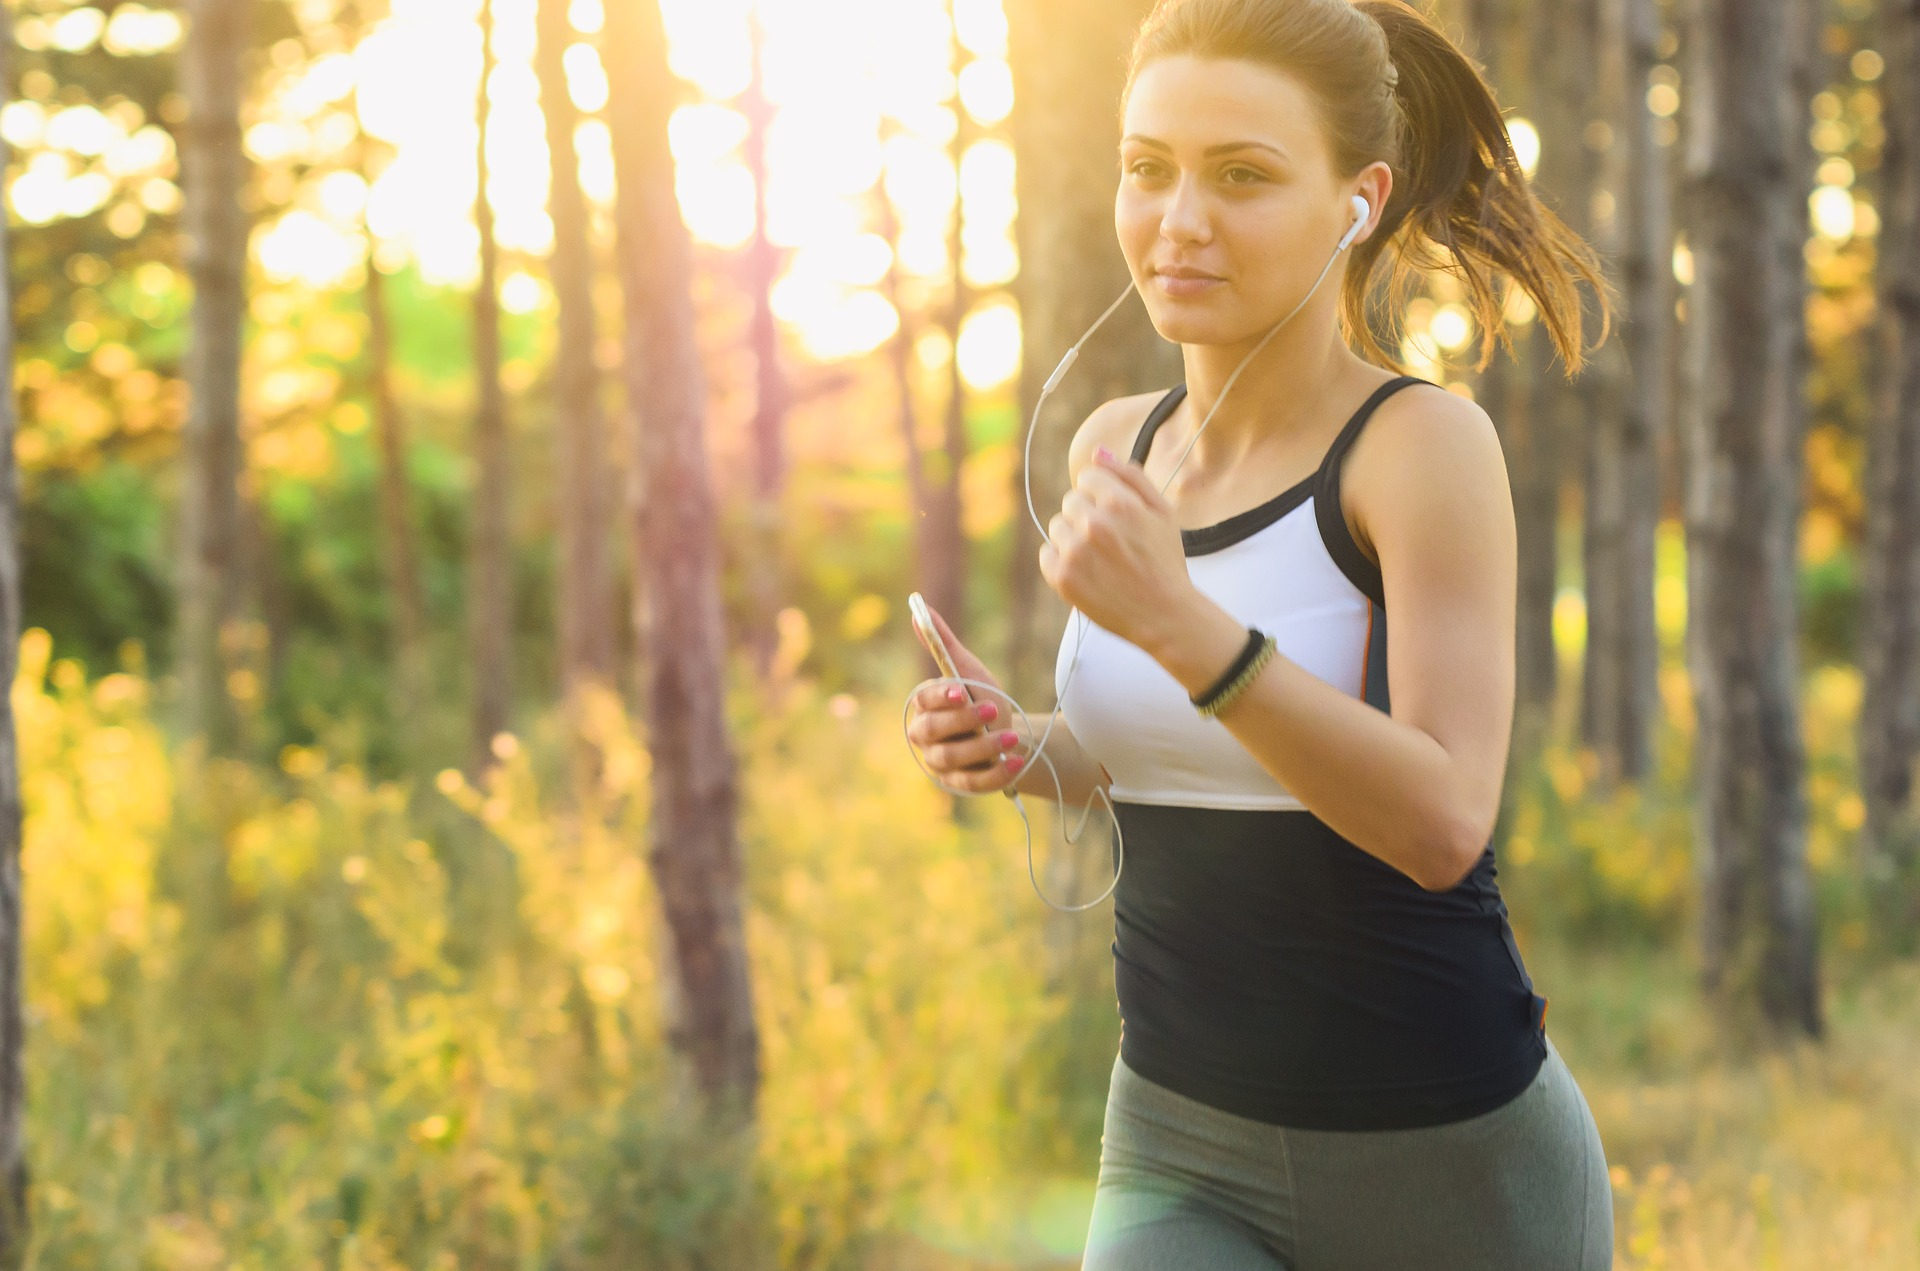 Beneficios correr